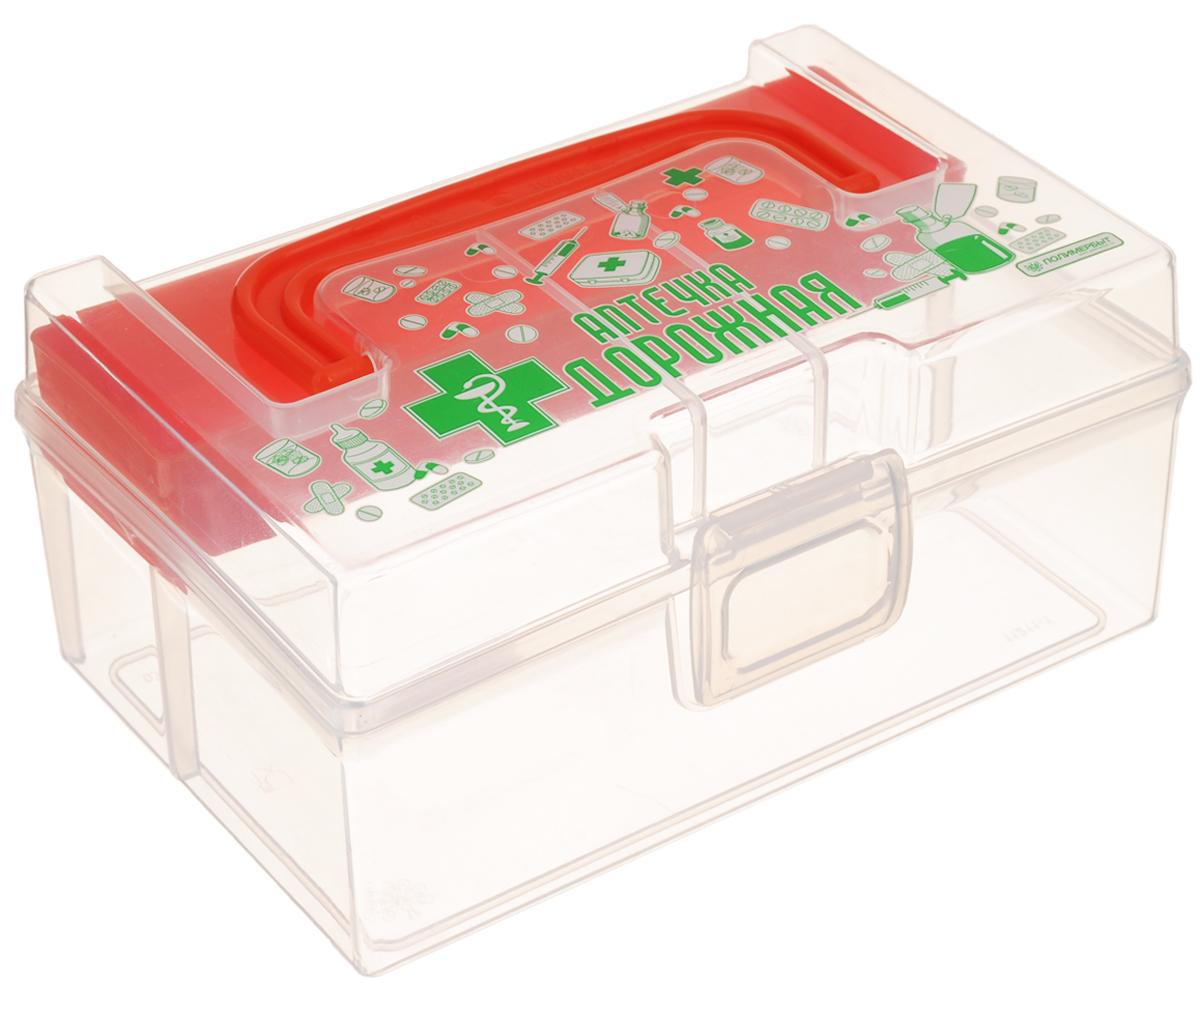 Контейнер для аптечки Полимербыт Аптечка дорожная, с вкладышем, цвет: оранжевый, прозрачный, 800 млС30903_ оранжевыйКонтейнер Полимербыт Аптечка дорожная выполнен из прозрачного пластика. Для удобства переноски сверху имеется ручка. Внутрь вставляется цветной вкладыш с одним отделением. Контейнер плотно закрывается крышкой с защелками. Контейнер для аптечки Полимербыт Аптечка дорожная очень вместителен и поможет вам хранить все лекарства в одном месте. Размер вкладыша: 16 х 4 х 2 см.